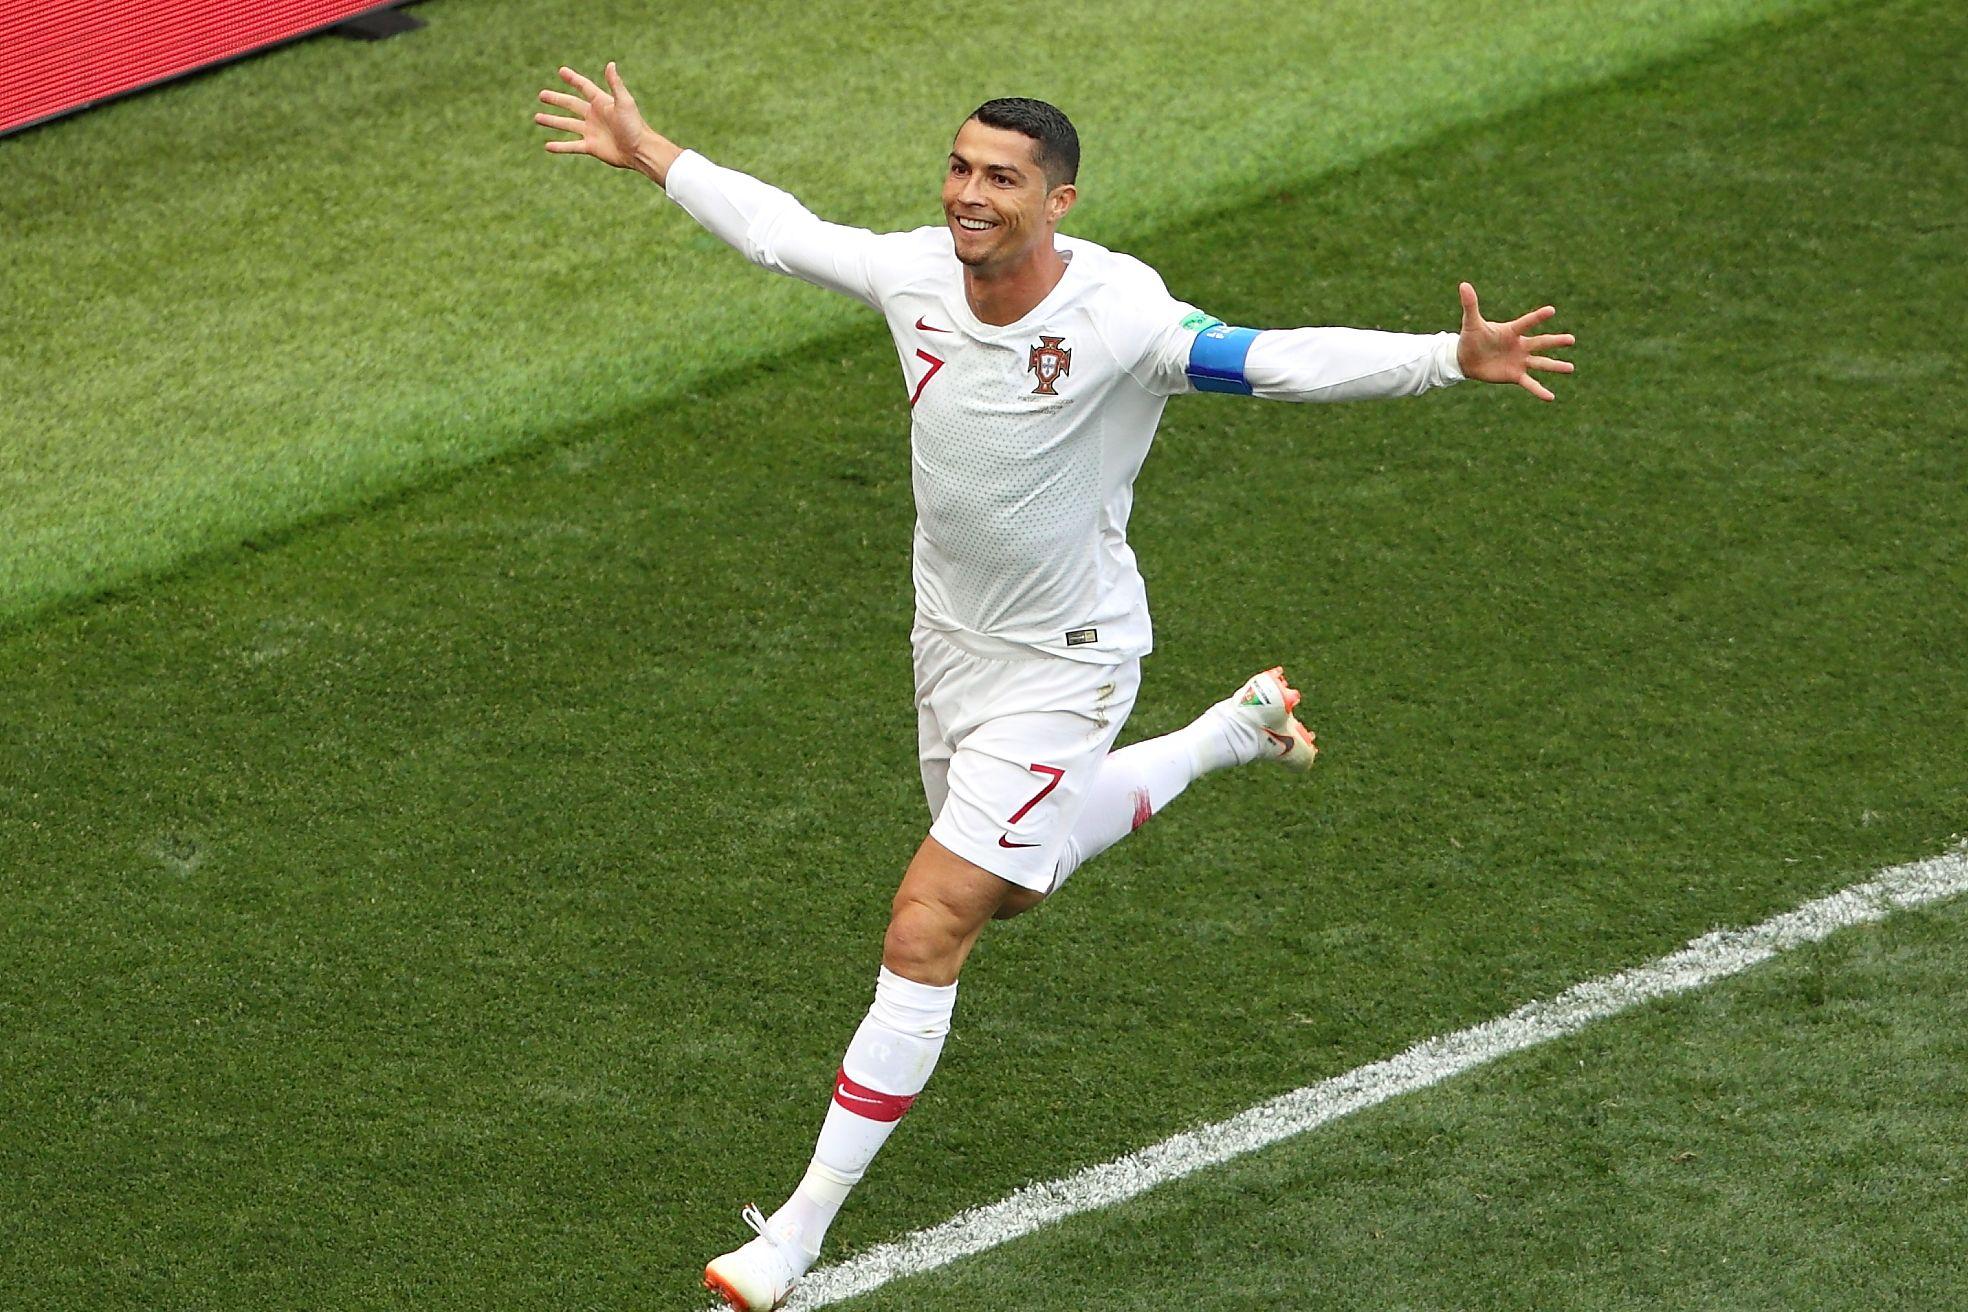 Криштиану Роналду назвал себя лучшим бомбардиром в истории футбола и обратился к Пеле